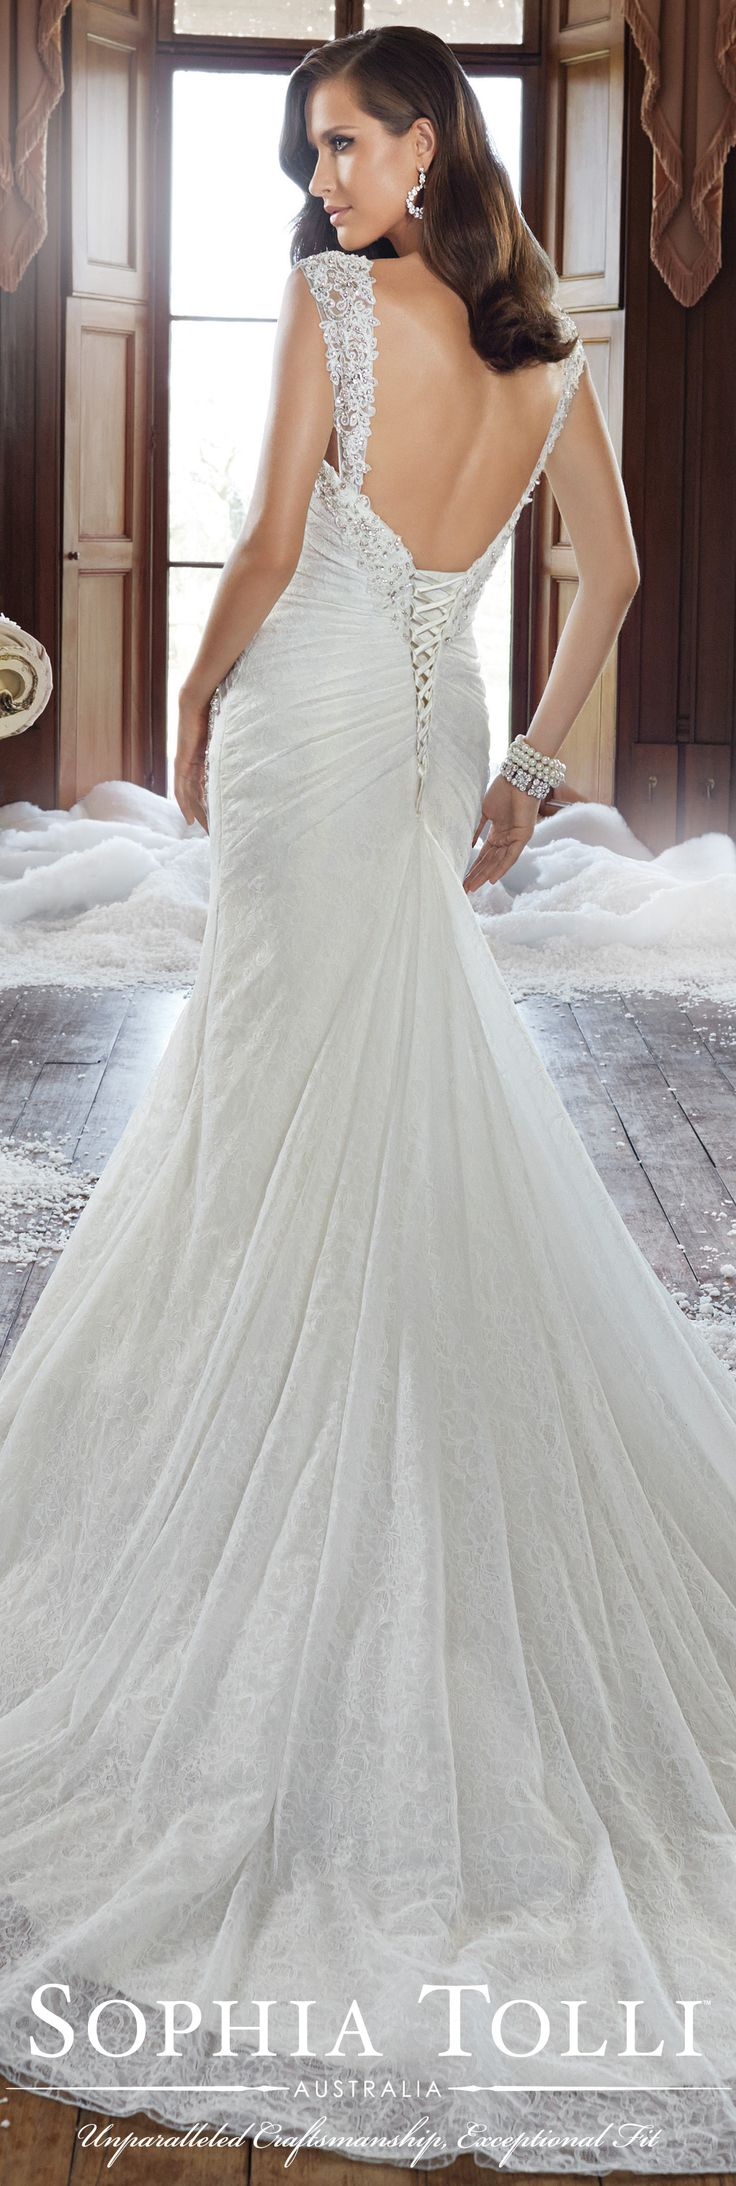 50+ besten Brautkleid Bilder auf Pinterest   Kleid hochzeit ...